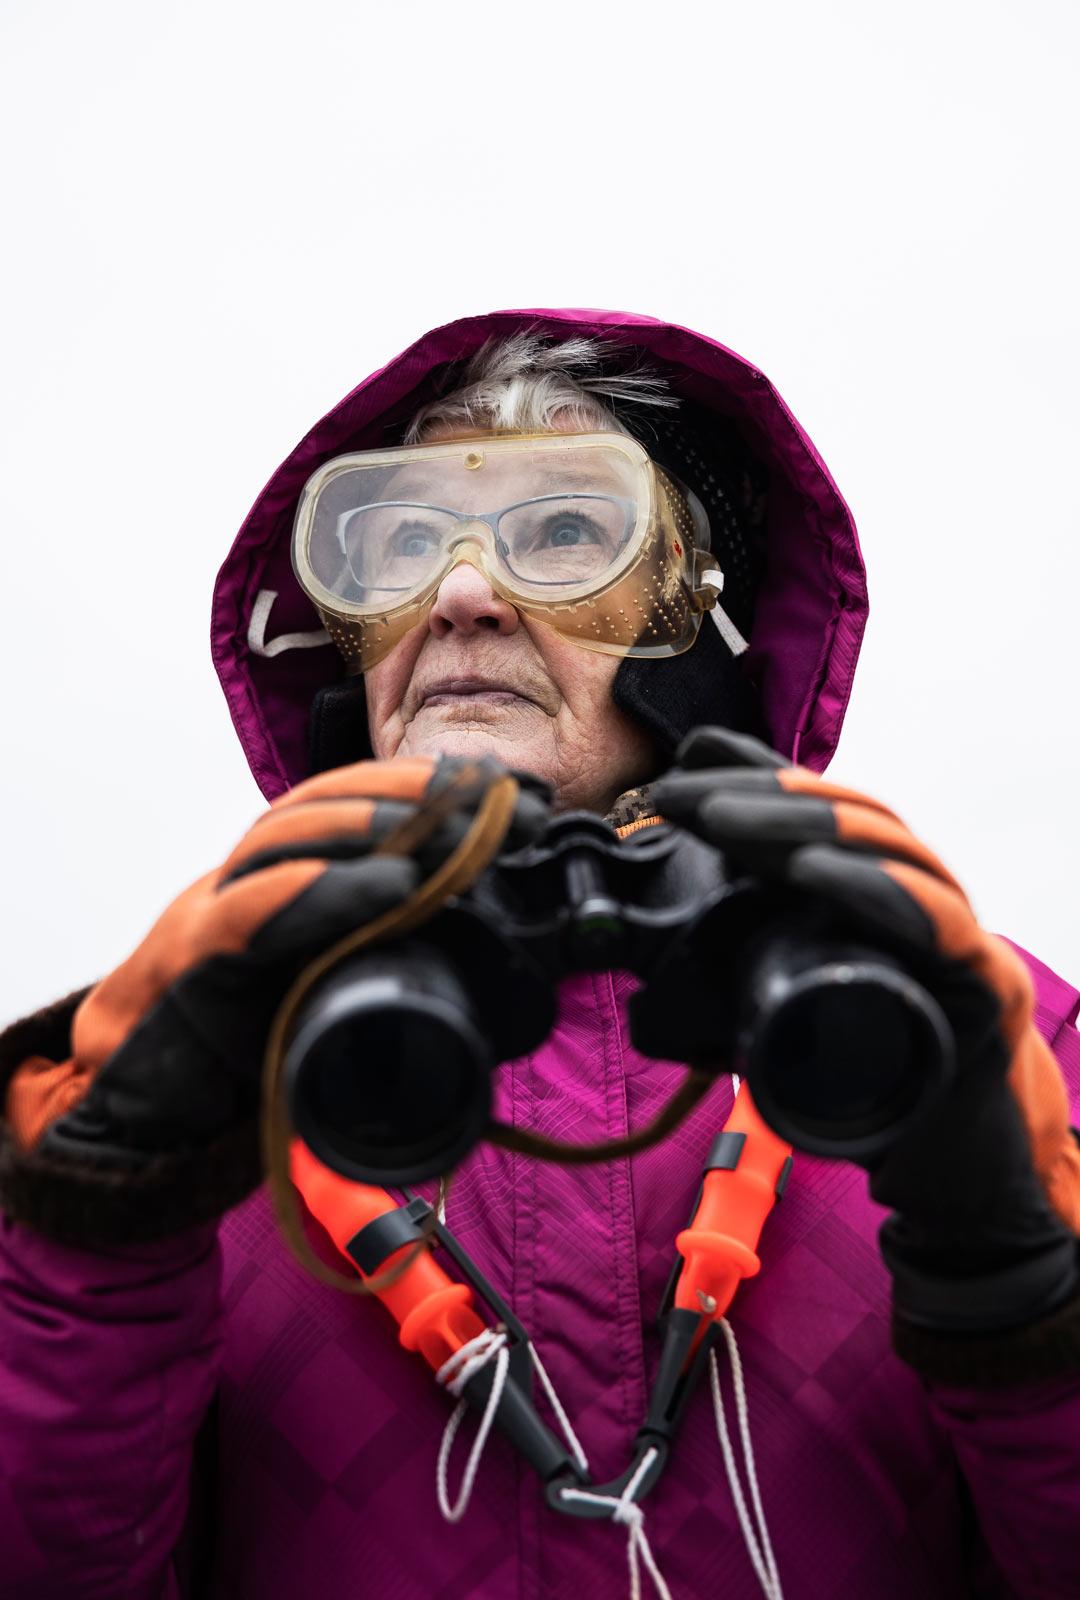 Marjatta Hämäläinen tarkkailee norppia nyt viidettä kevättä. Talvella norppabongarin perusvarustukseen kuuluvat kiikarien ohella naskalit, liukuesteet, suojalasit ja tuulenpitävät vaatteet.